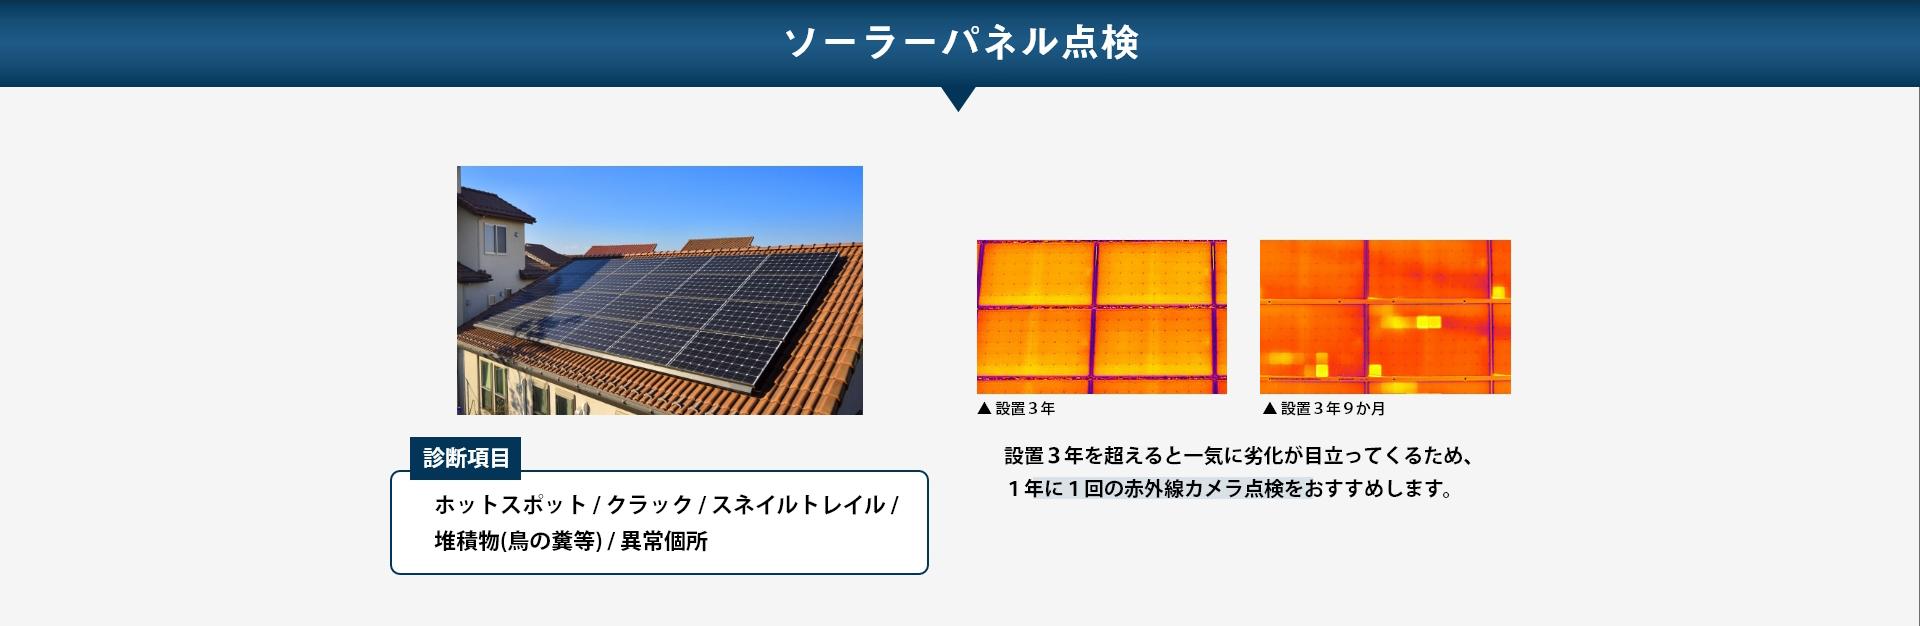 ソーラーパネル点検